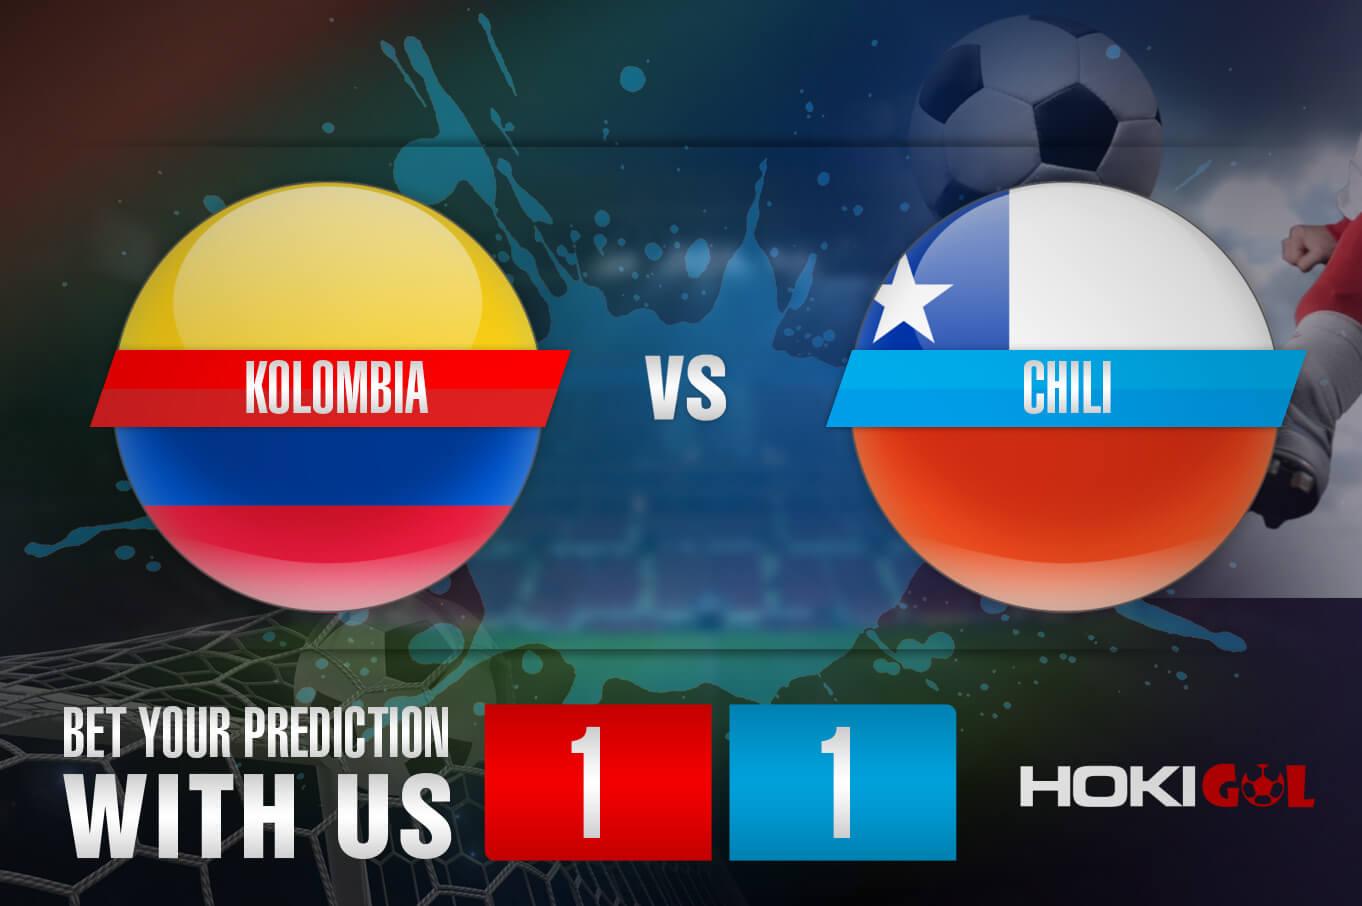 Prediksi Bola Kolombia Vs Chili 10 September 2021